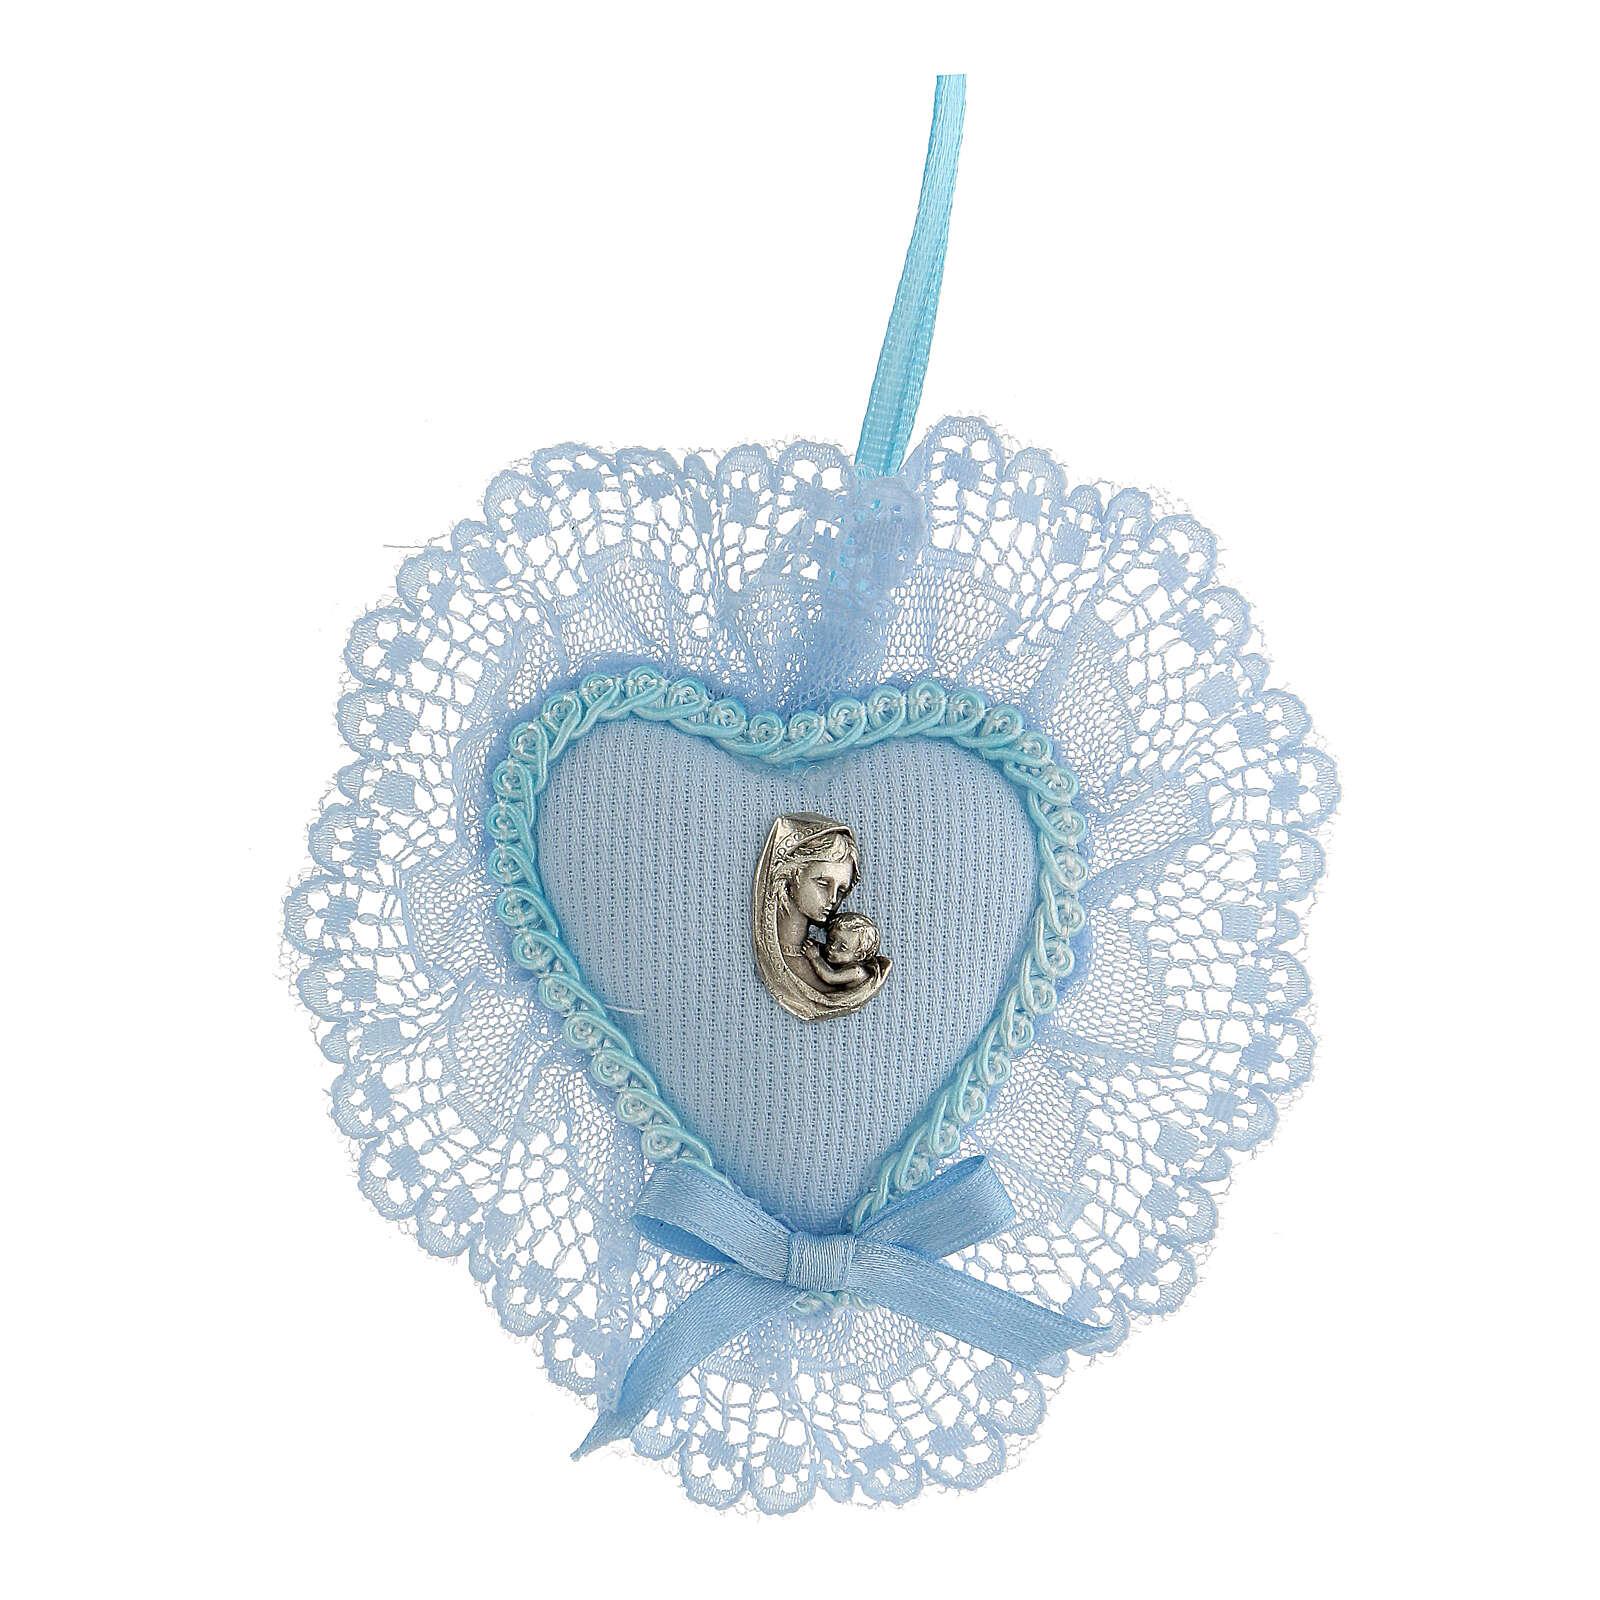 Maternità coccarda azzurra culla 4